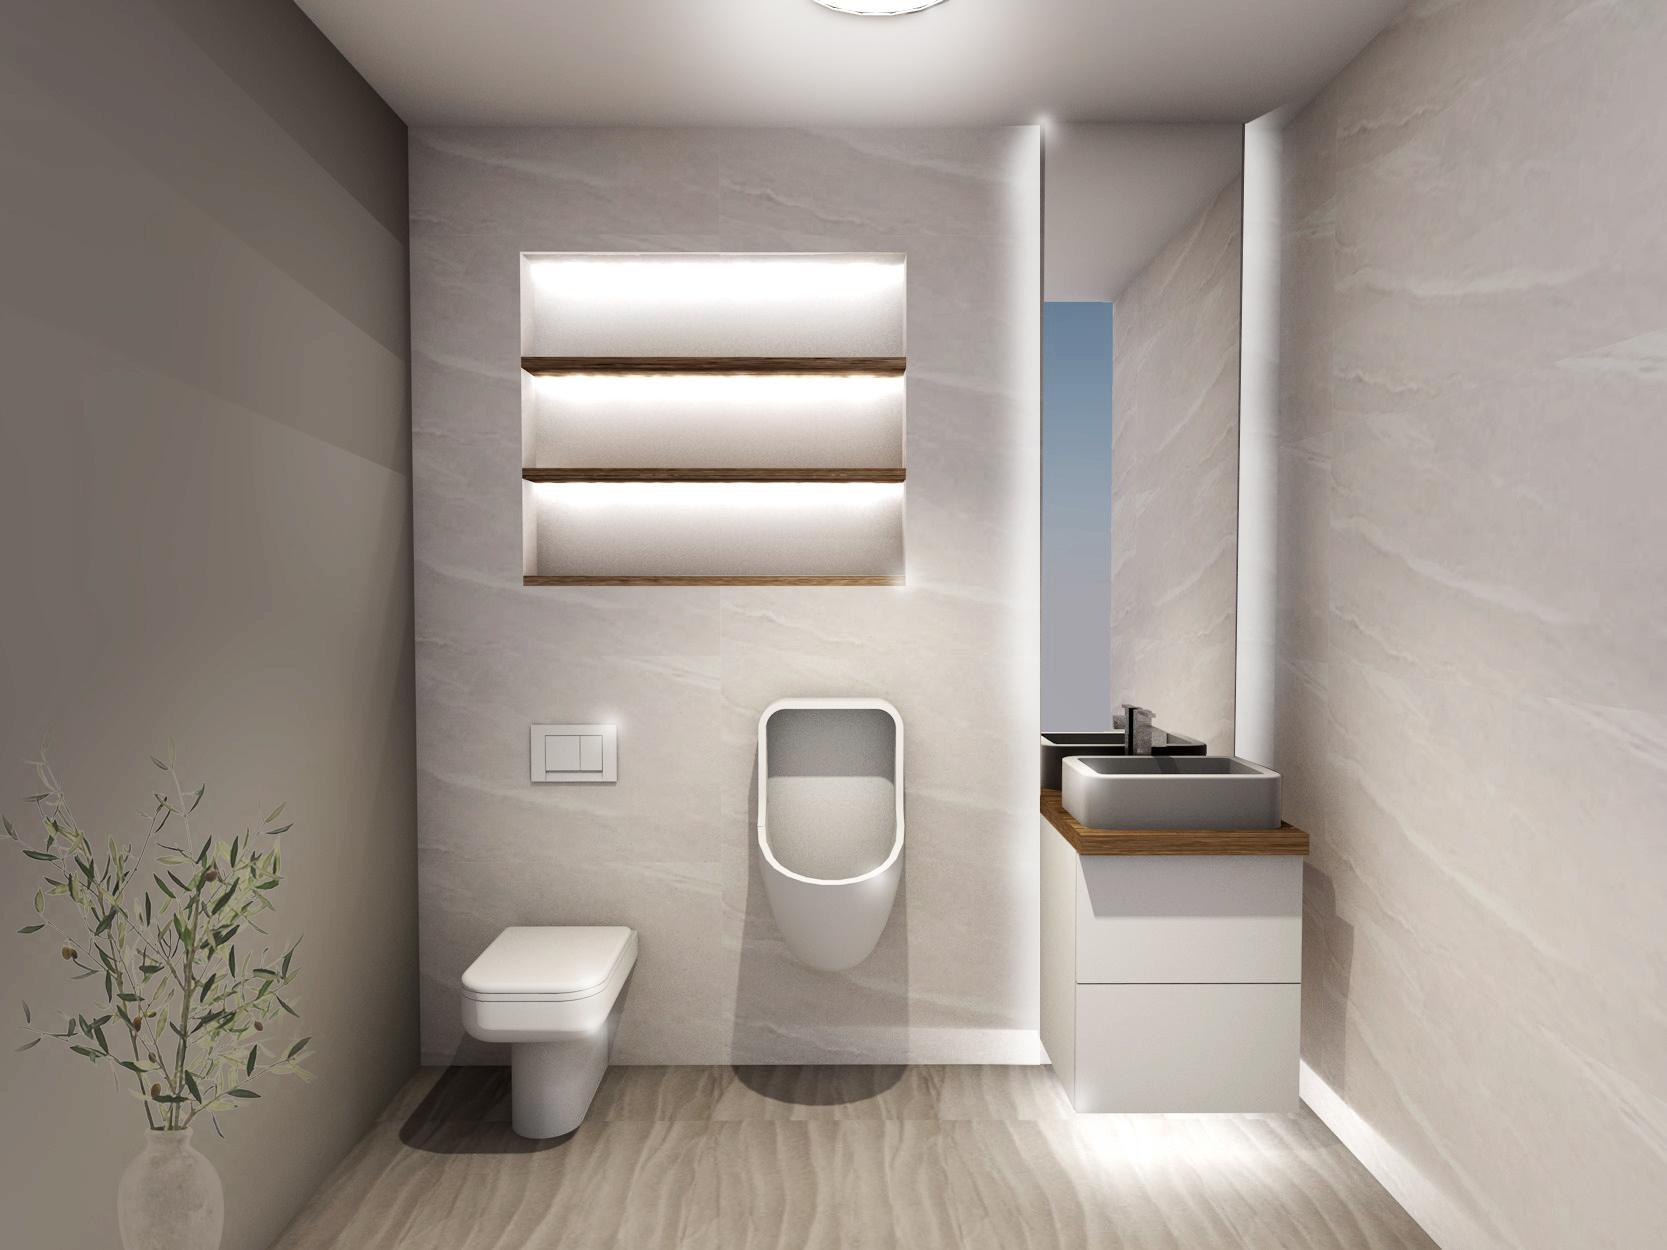 MG_Project_16_Rojc Robert_Hisa Brezje_Archicad - Bathroom 0L -1